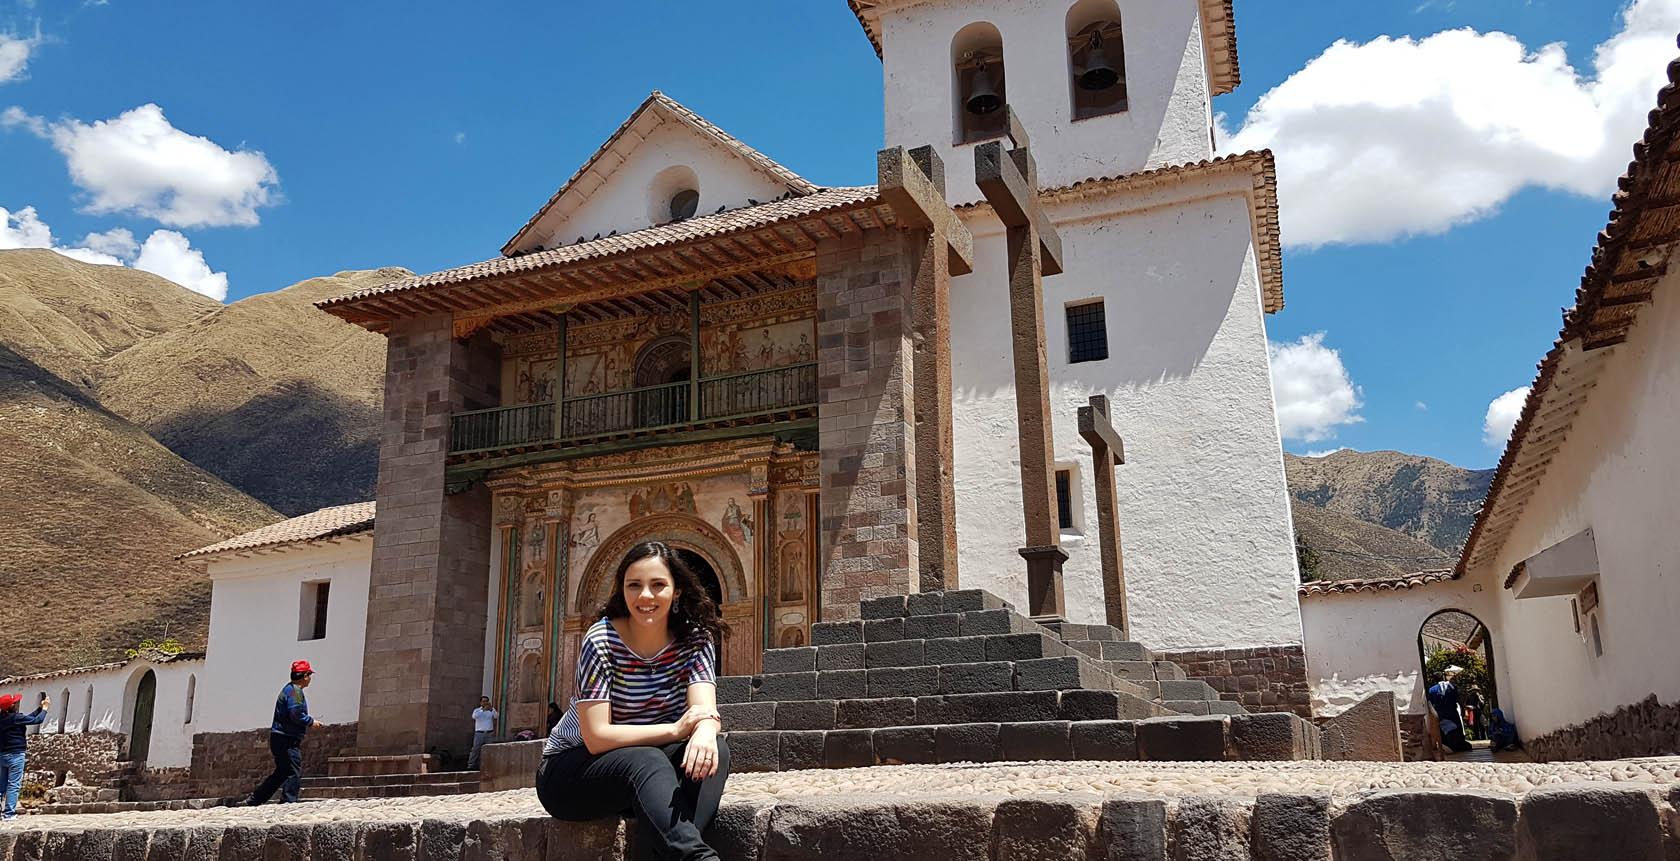 Vale Sul de Cusco: 3 períodos da história do Peru em 1 dia. Como é o tour